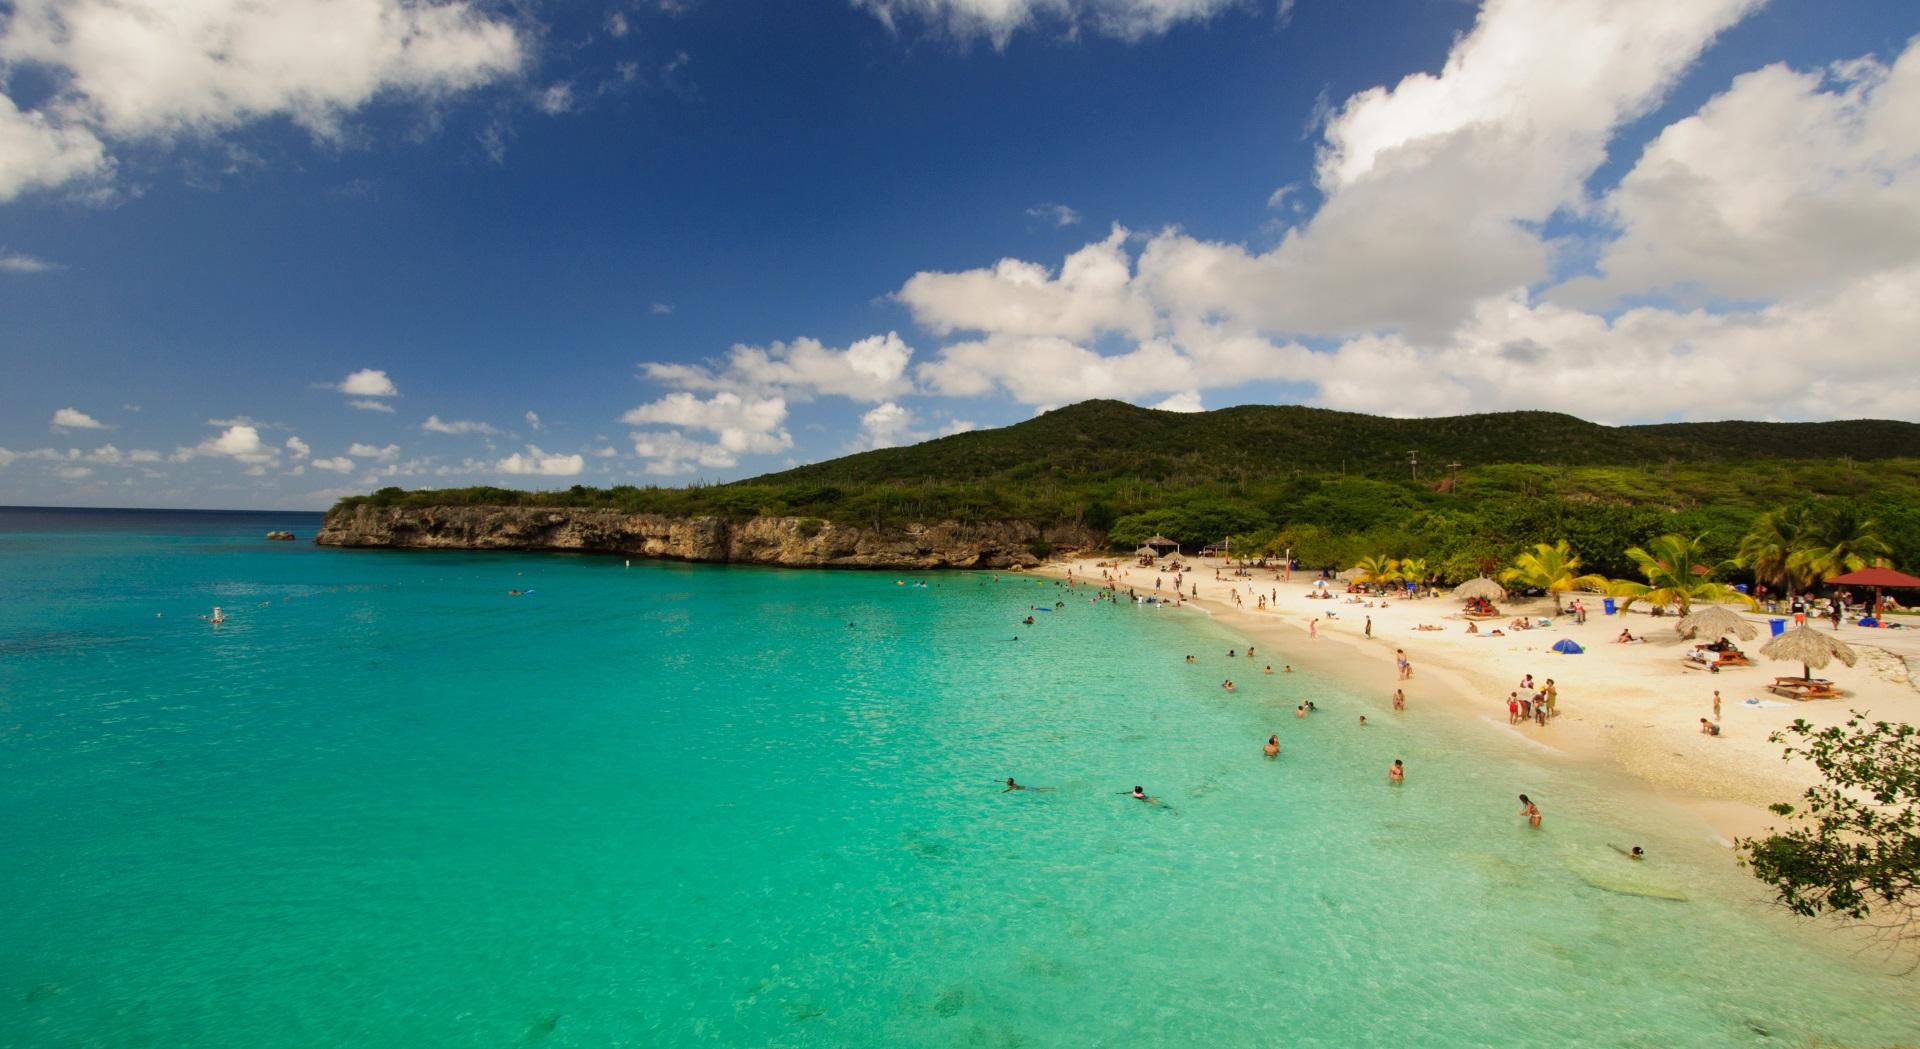 """Traumurlaub auf """"One Happy Island"""" - Aruba in der Karibik. Reisen."""